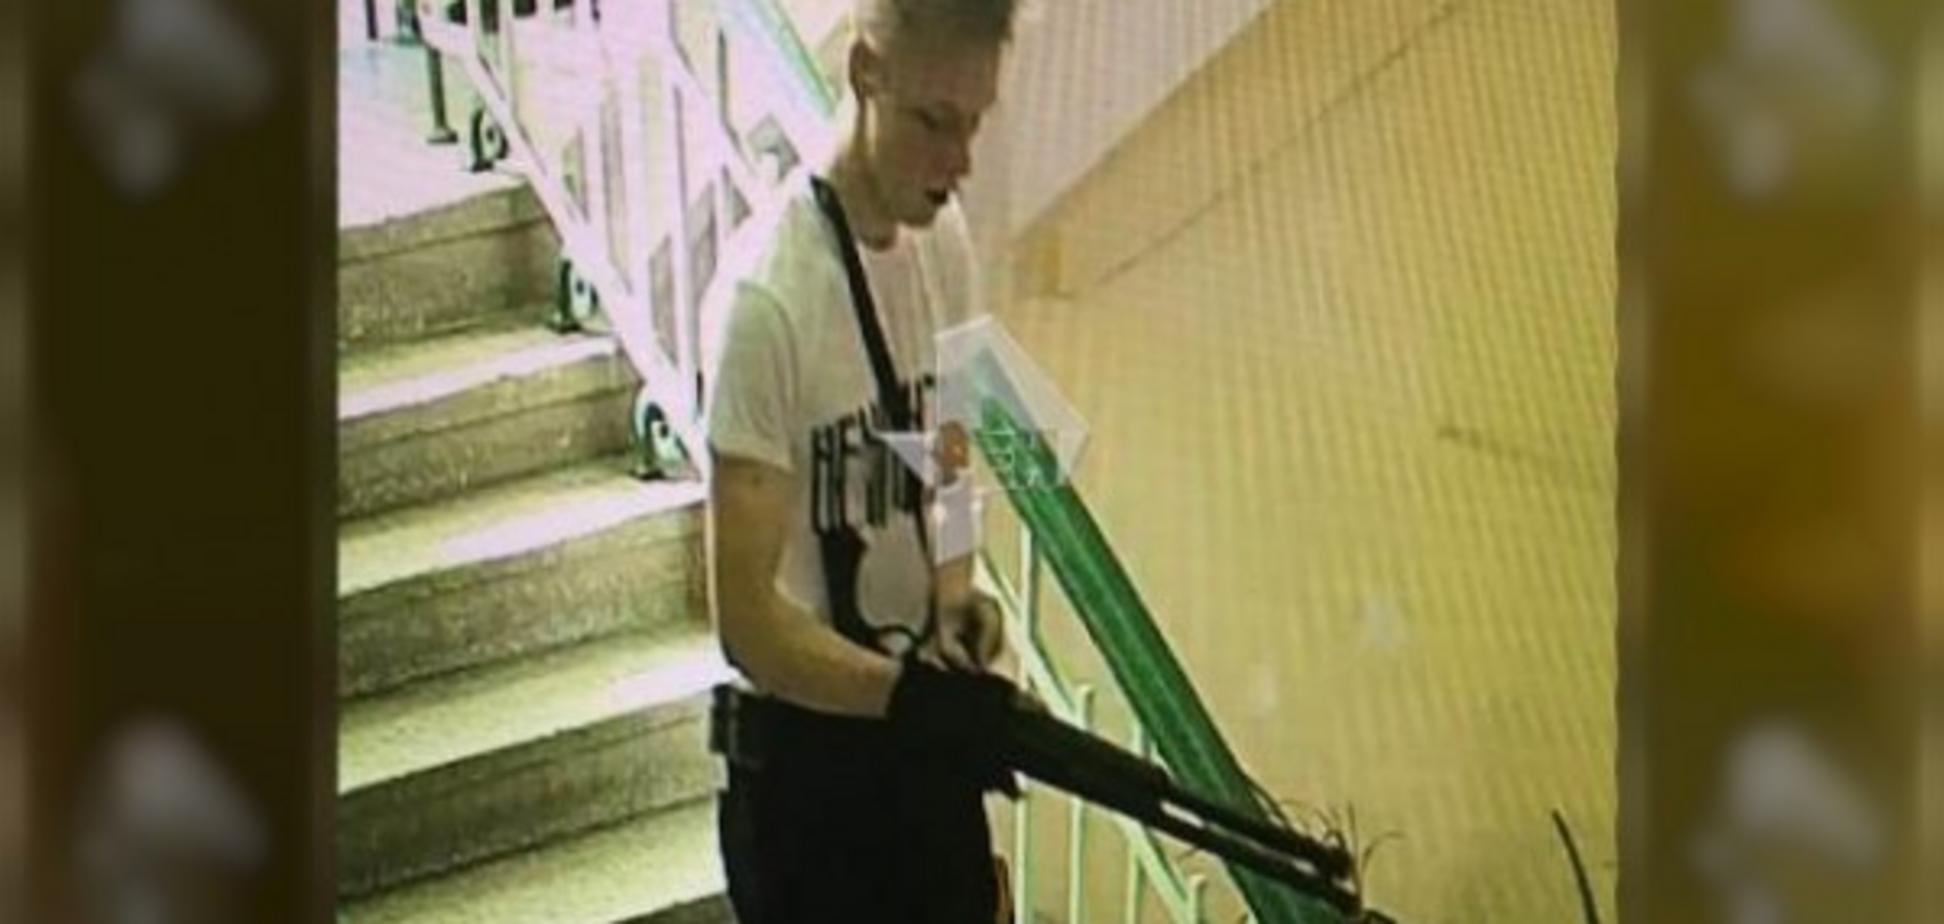 Были наставники из Чечни: всплыли новые детали о стрелке из Керчи